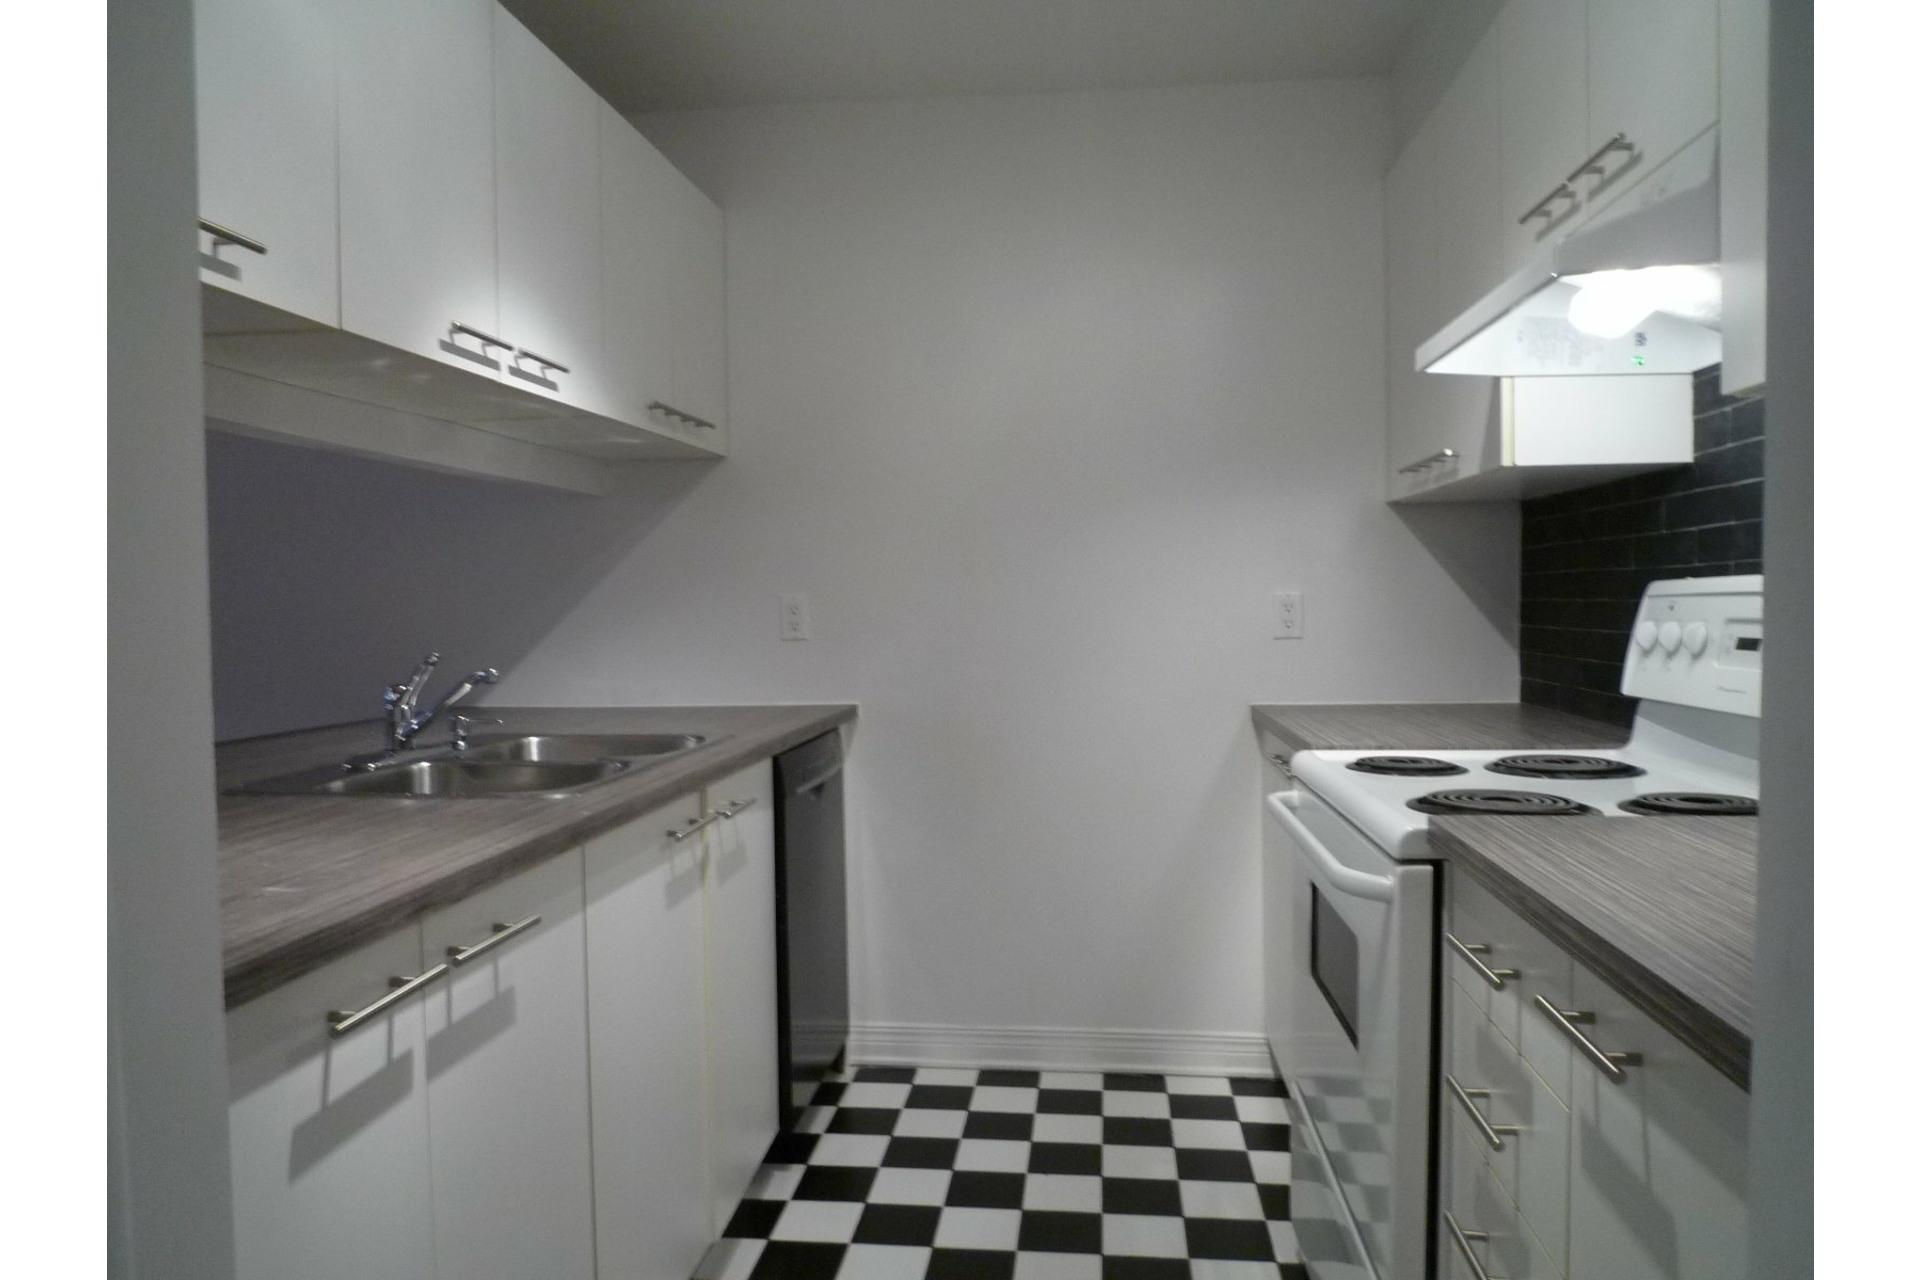 image 8 - Appartement À louer Le Plateau-Mont-Royal Montréal  - 6 pièces